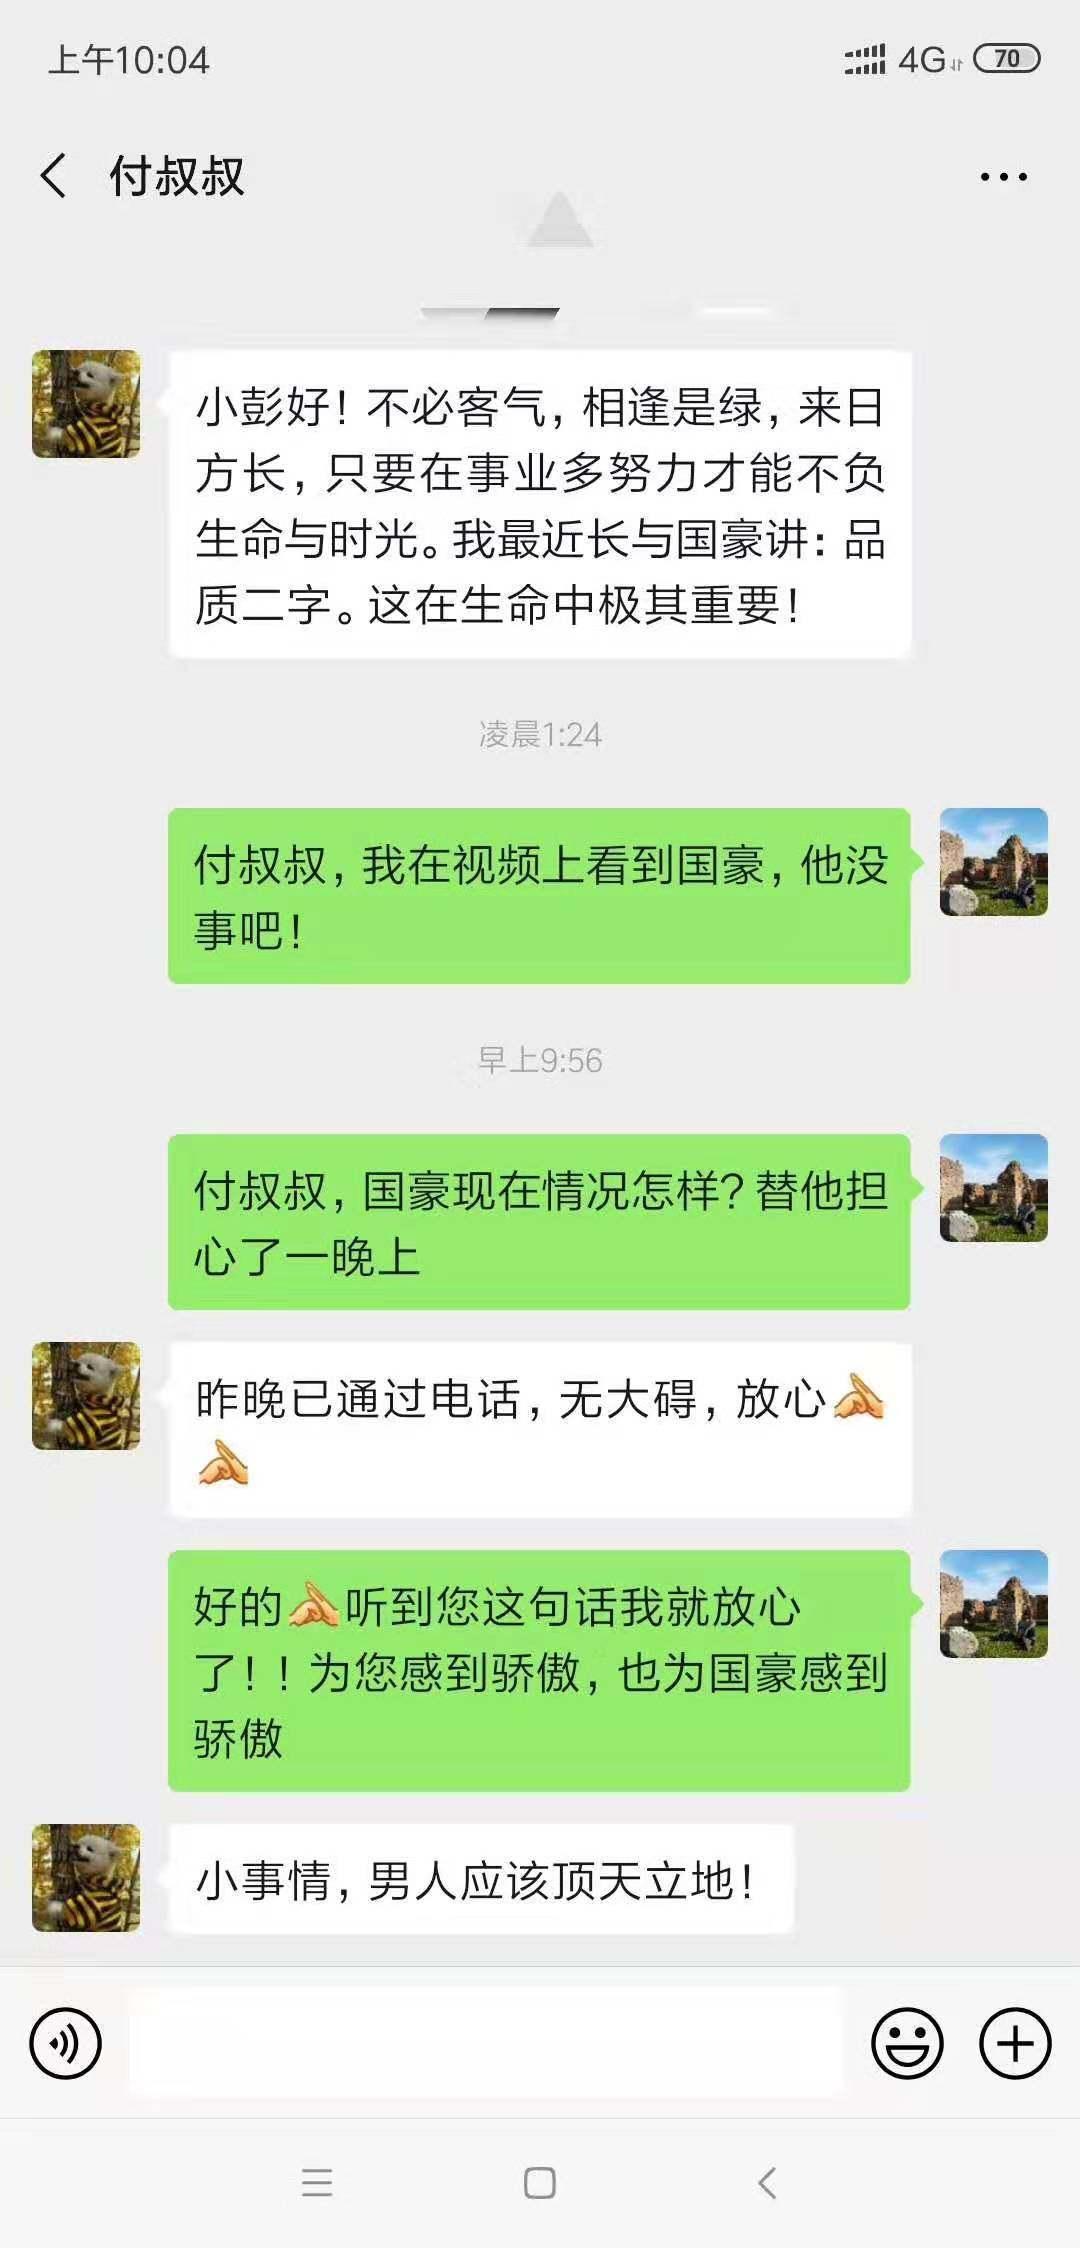 青岛消息网青青岛社区_这是青年本应裸露的本质!付国豪父亲:付国豪的表示很变态